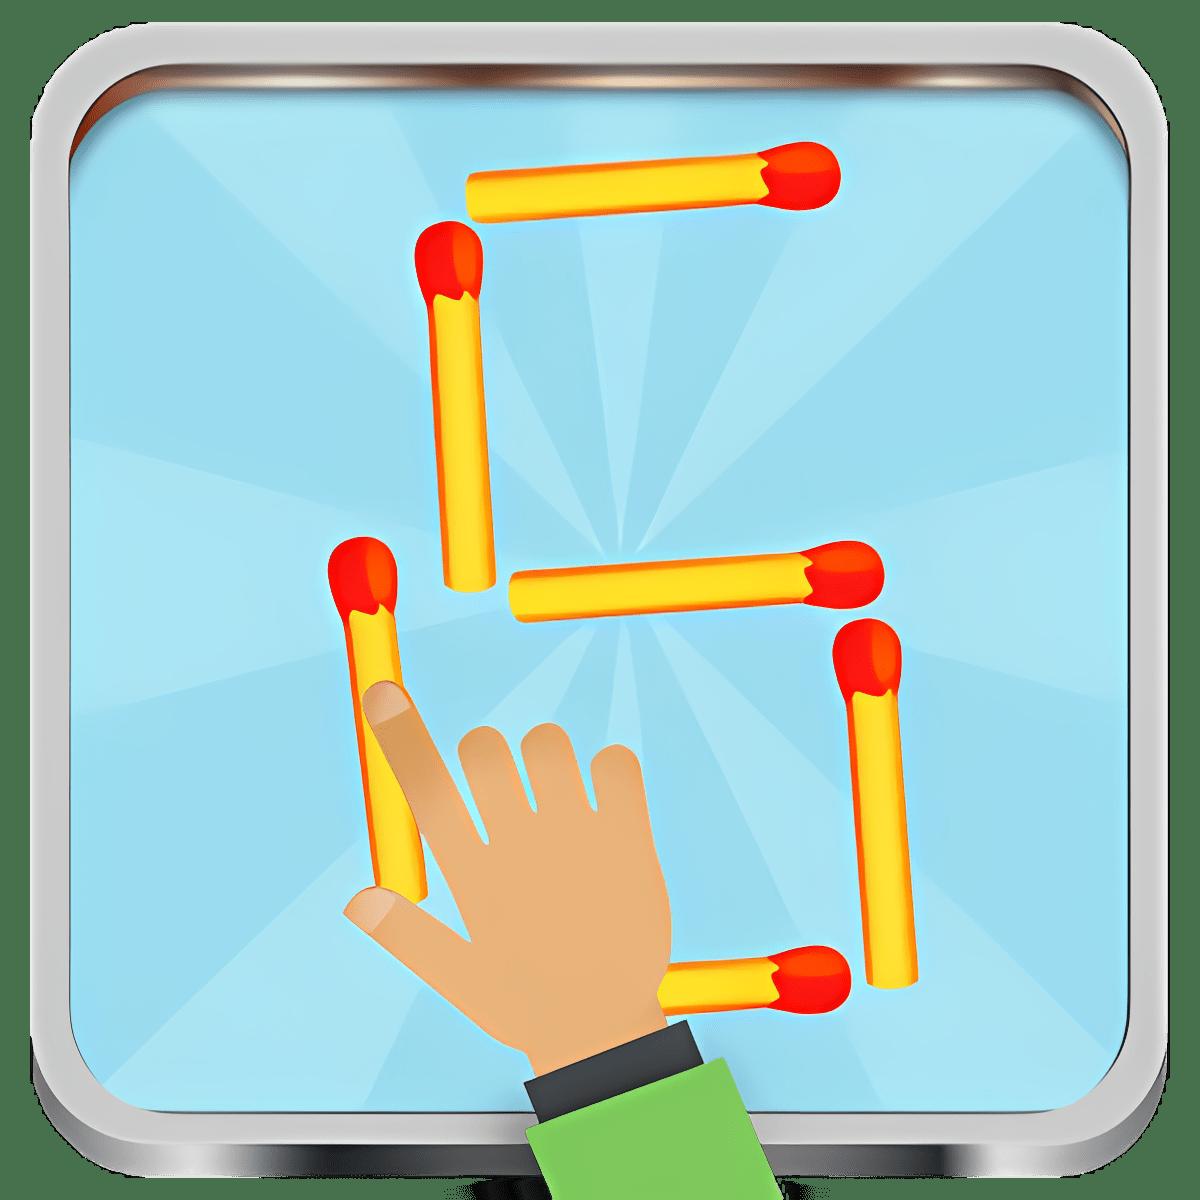 Matches Puzzle - Math Game 2.3 y versiones superiores